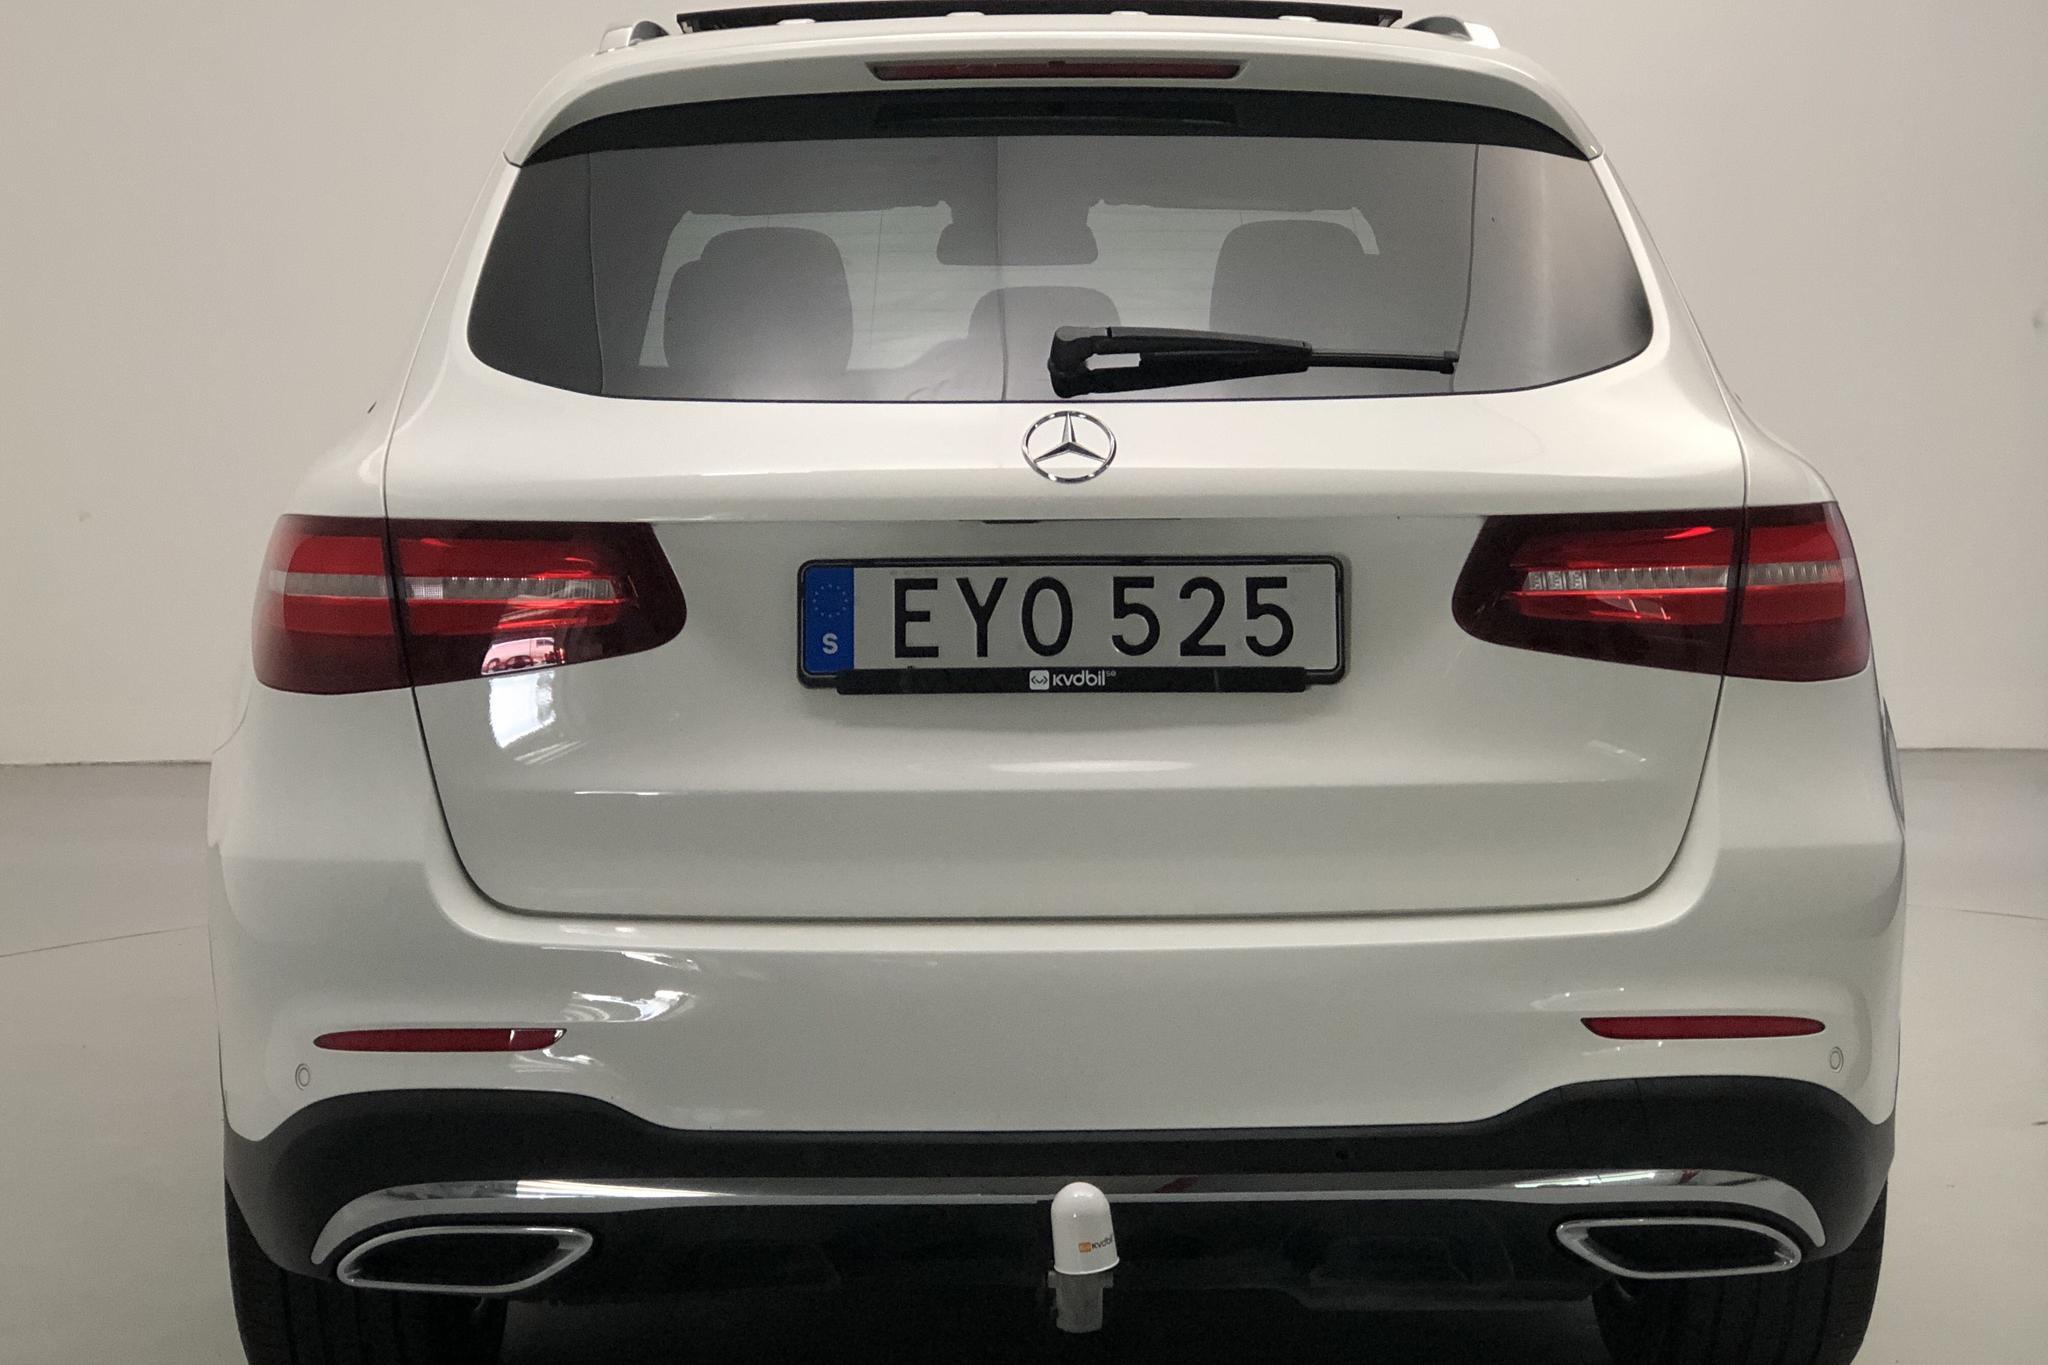 Mercedes GLC 250 d 4MATIC X253 (204hk) - 72 180 km - Automatic - white - 2018